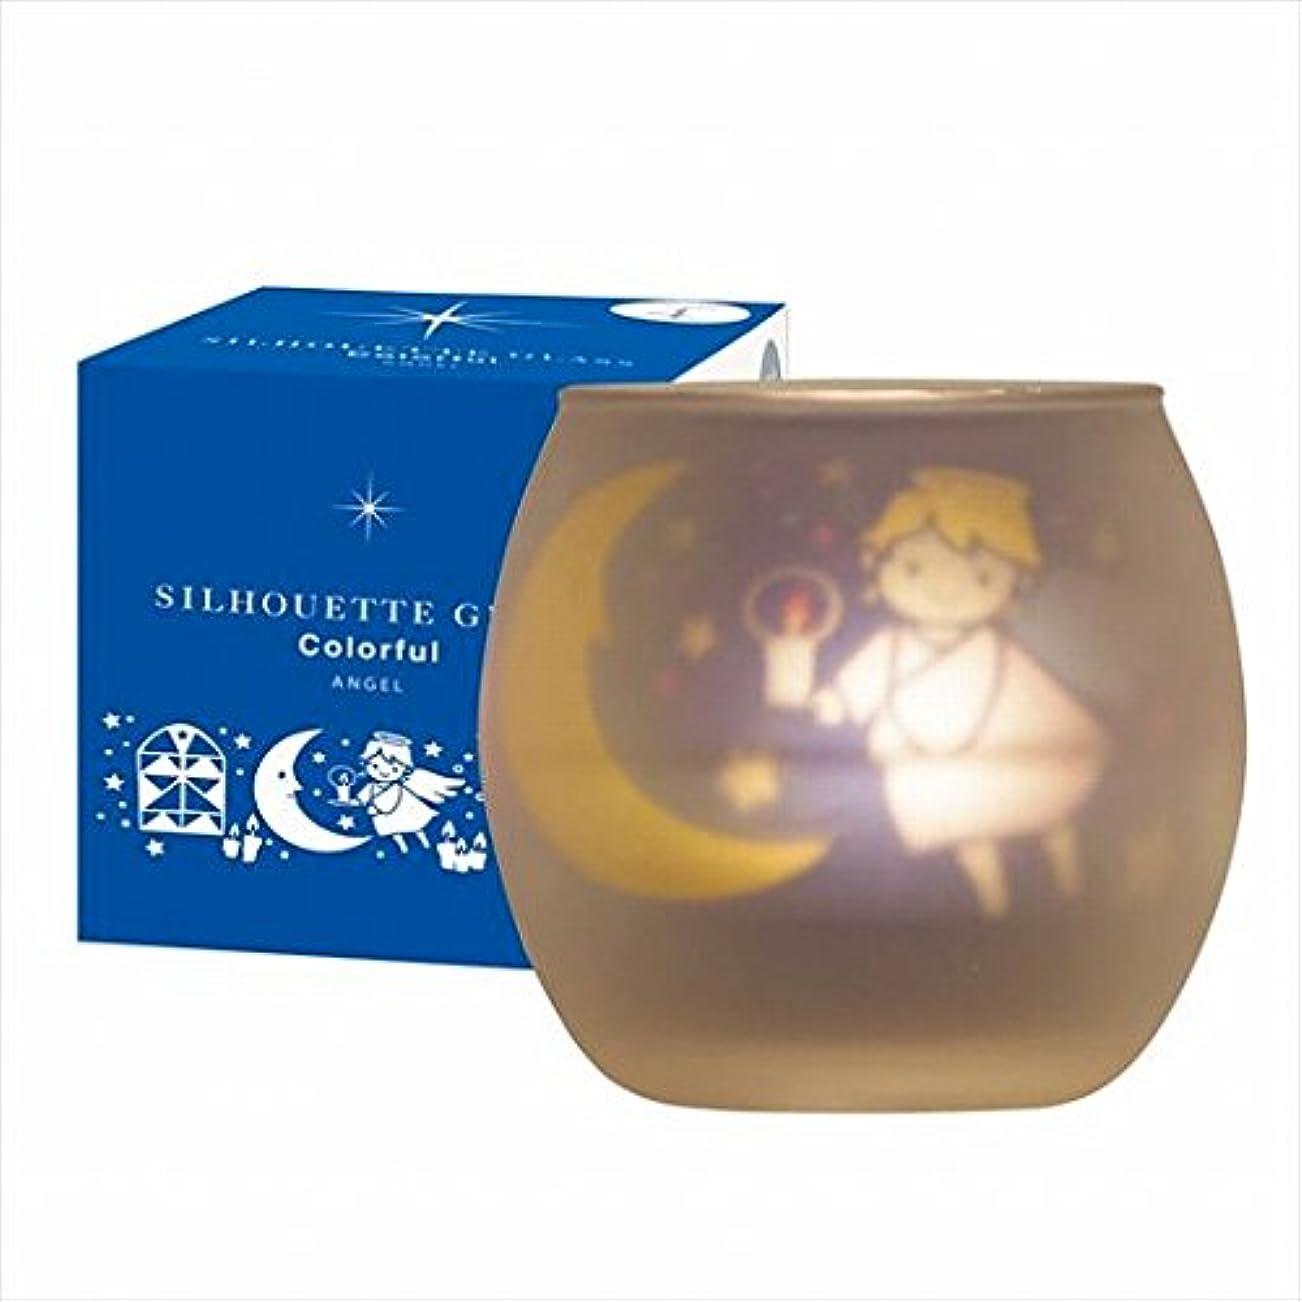 岩食欲コストカメヤマキャンドル(kameyama candle) シルエットグラスカラフルエンジェル【キャンドル4個付き】